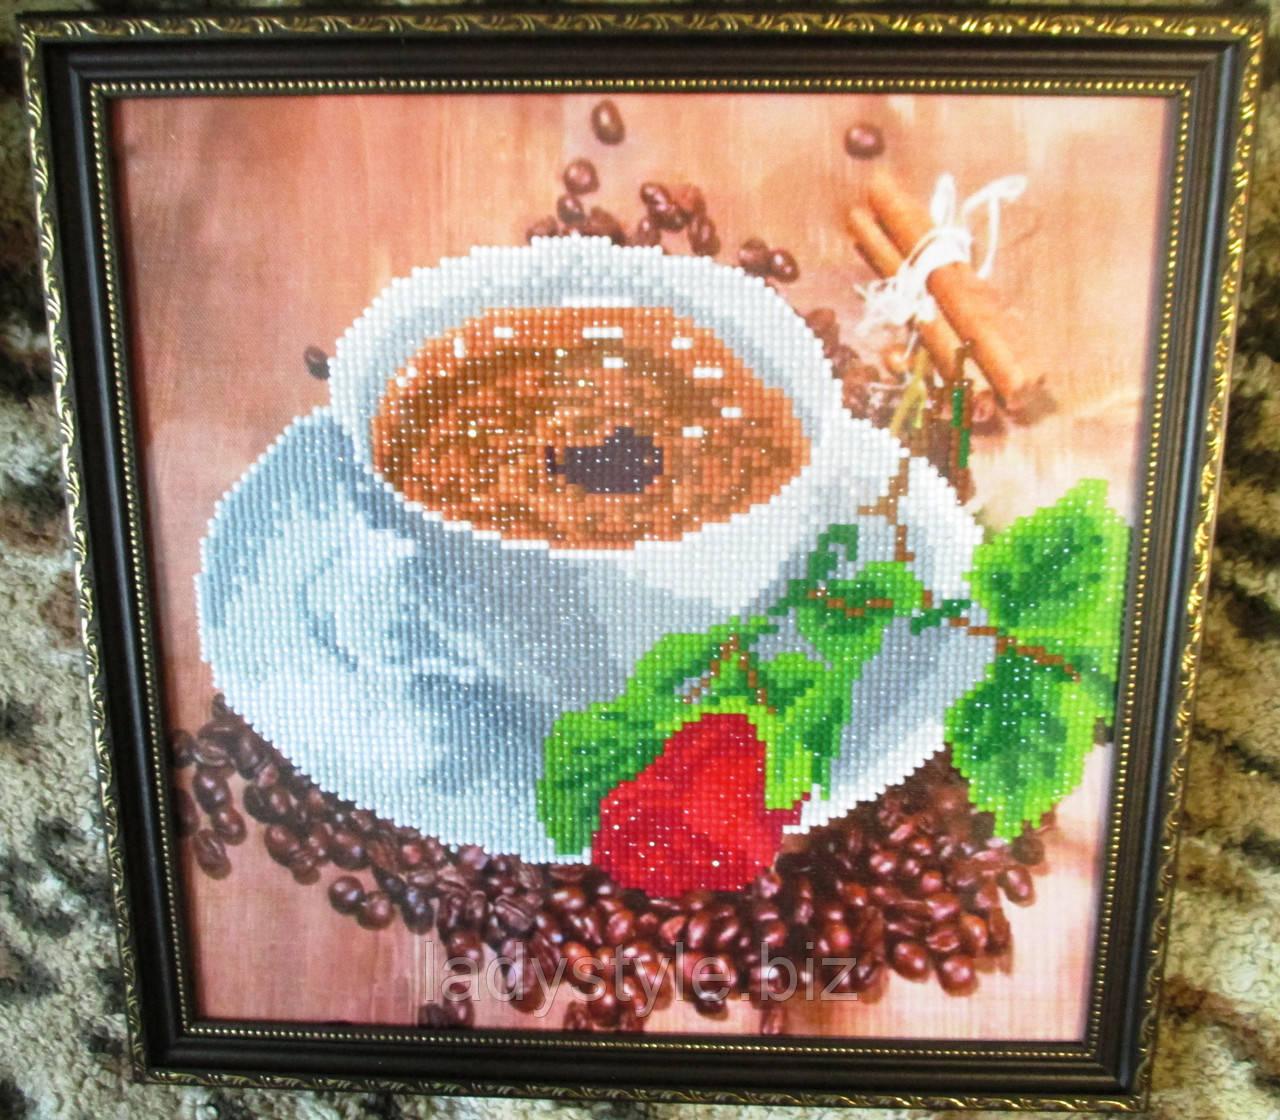 """Картина  """"Любимый напиток"""" от студии LadyStyle.Biz"""